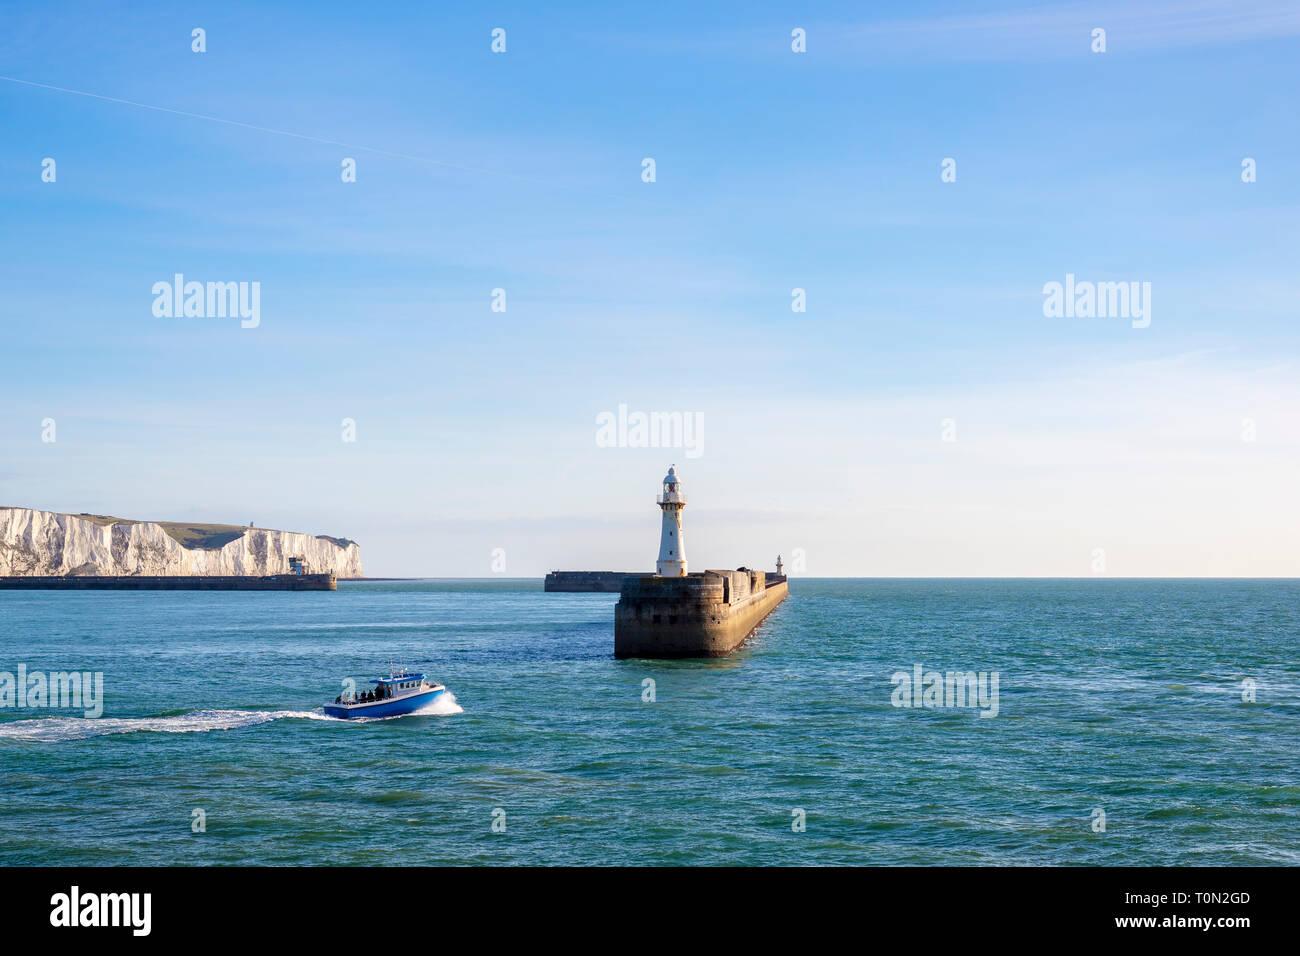 Un bateau de pêche de quitter le port de Douvres, avec l'emblématique falaises blanches en arrière-plan. Banque D'Images